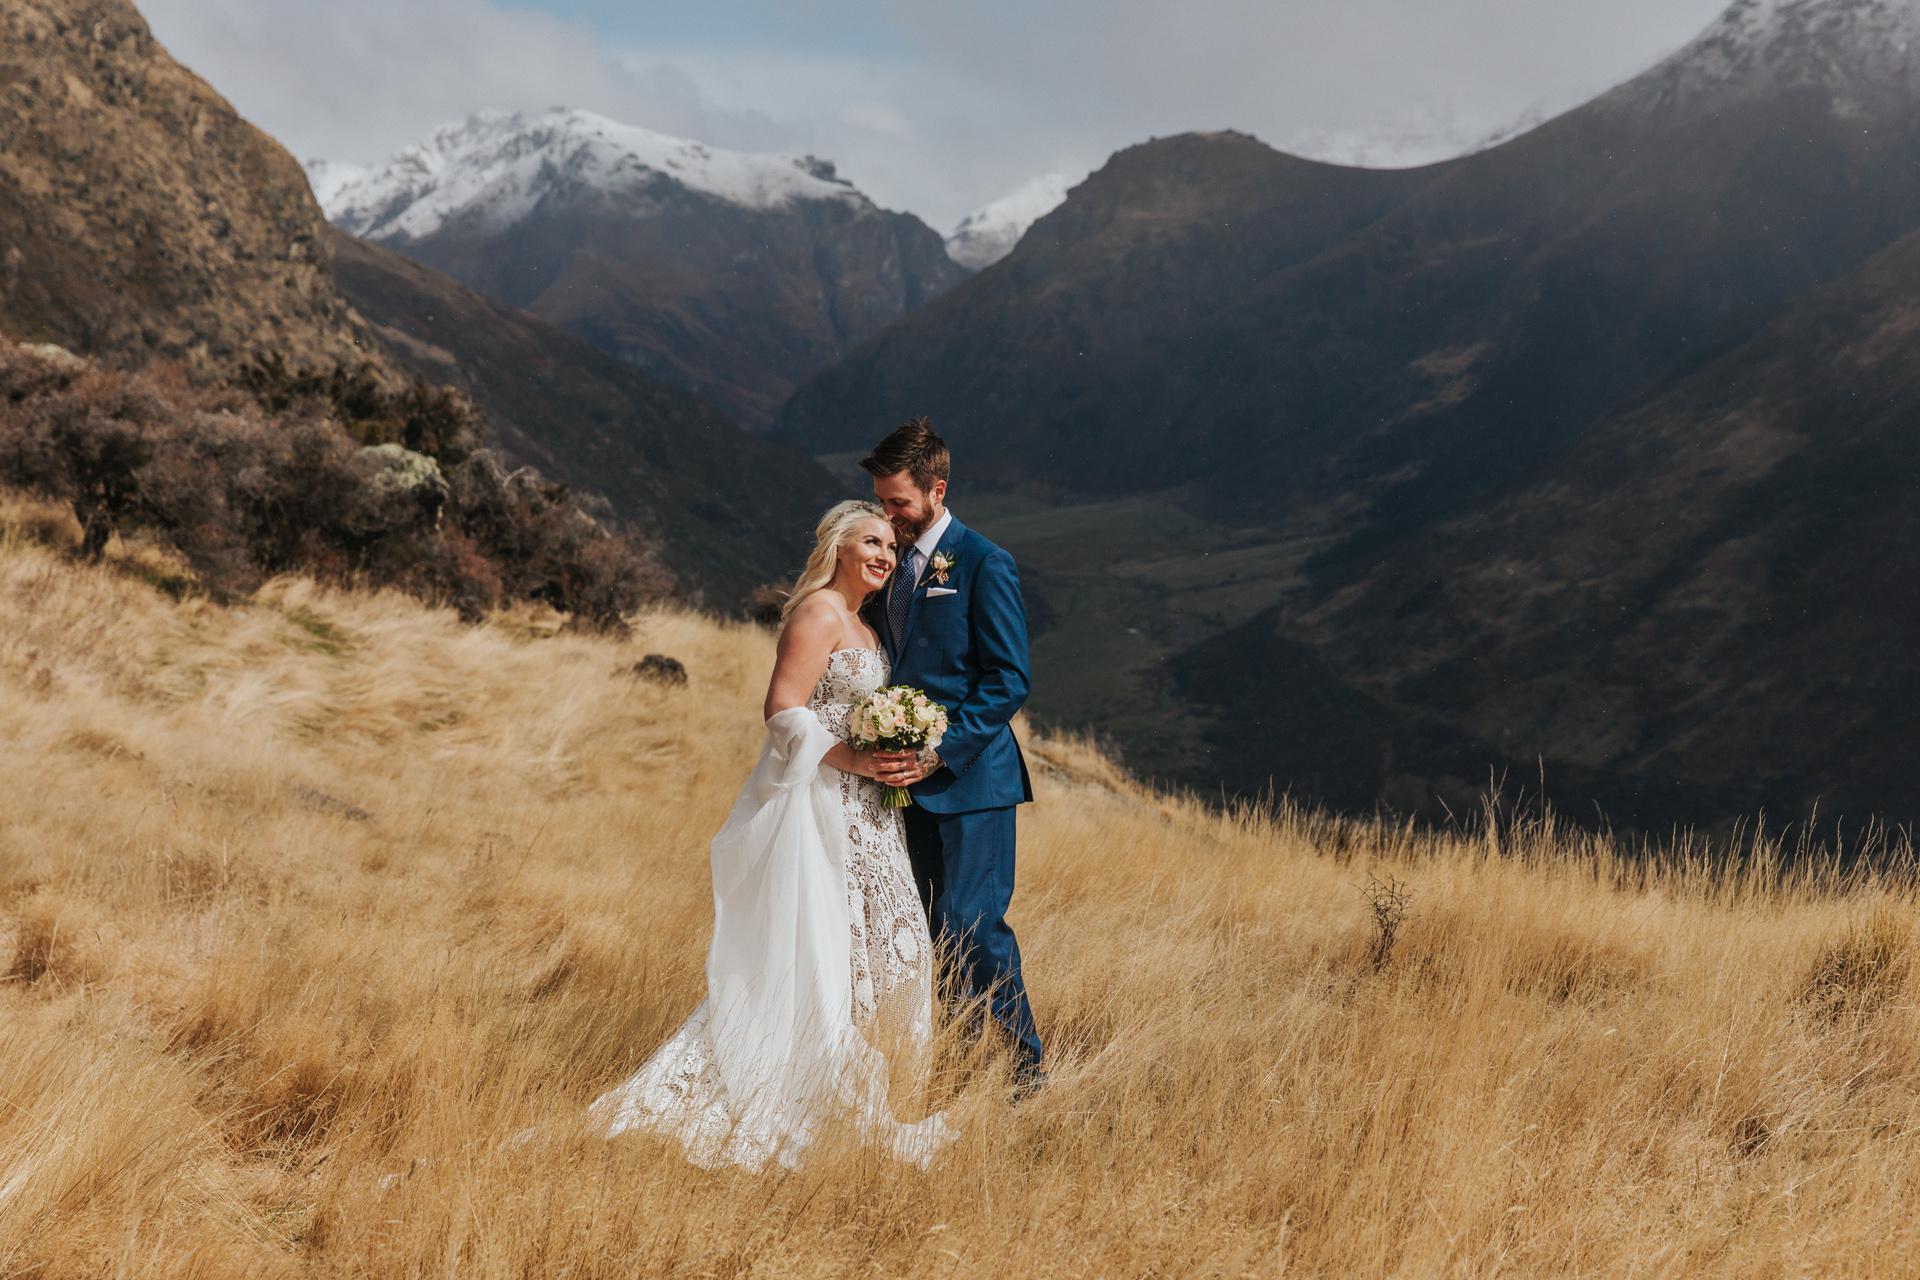 Mountain Weddings on Bayonet Peak in Queenstown